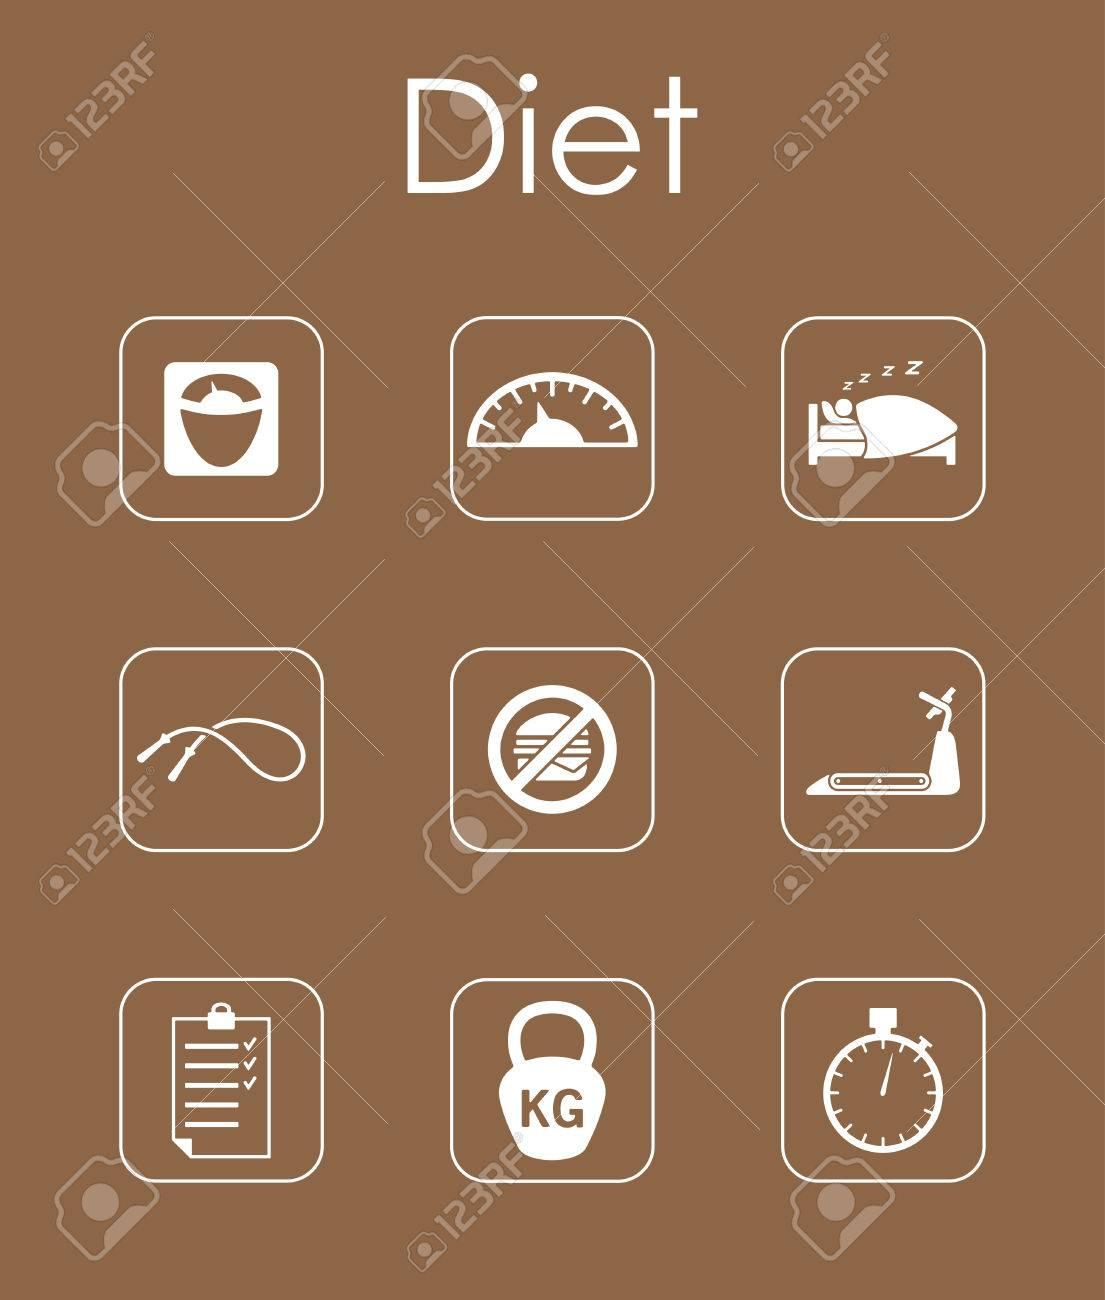 Set Diät Einfache Symbole Lizenzfrei Nutzbare Vektorgrafiken, Clip ...